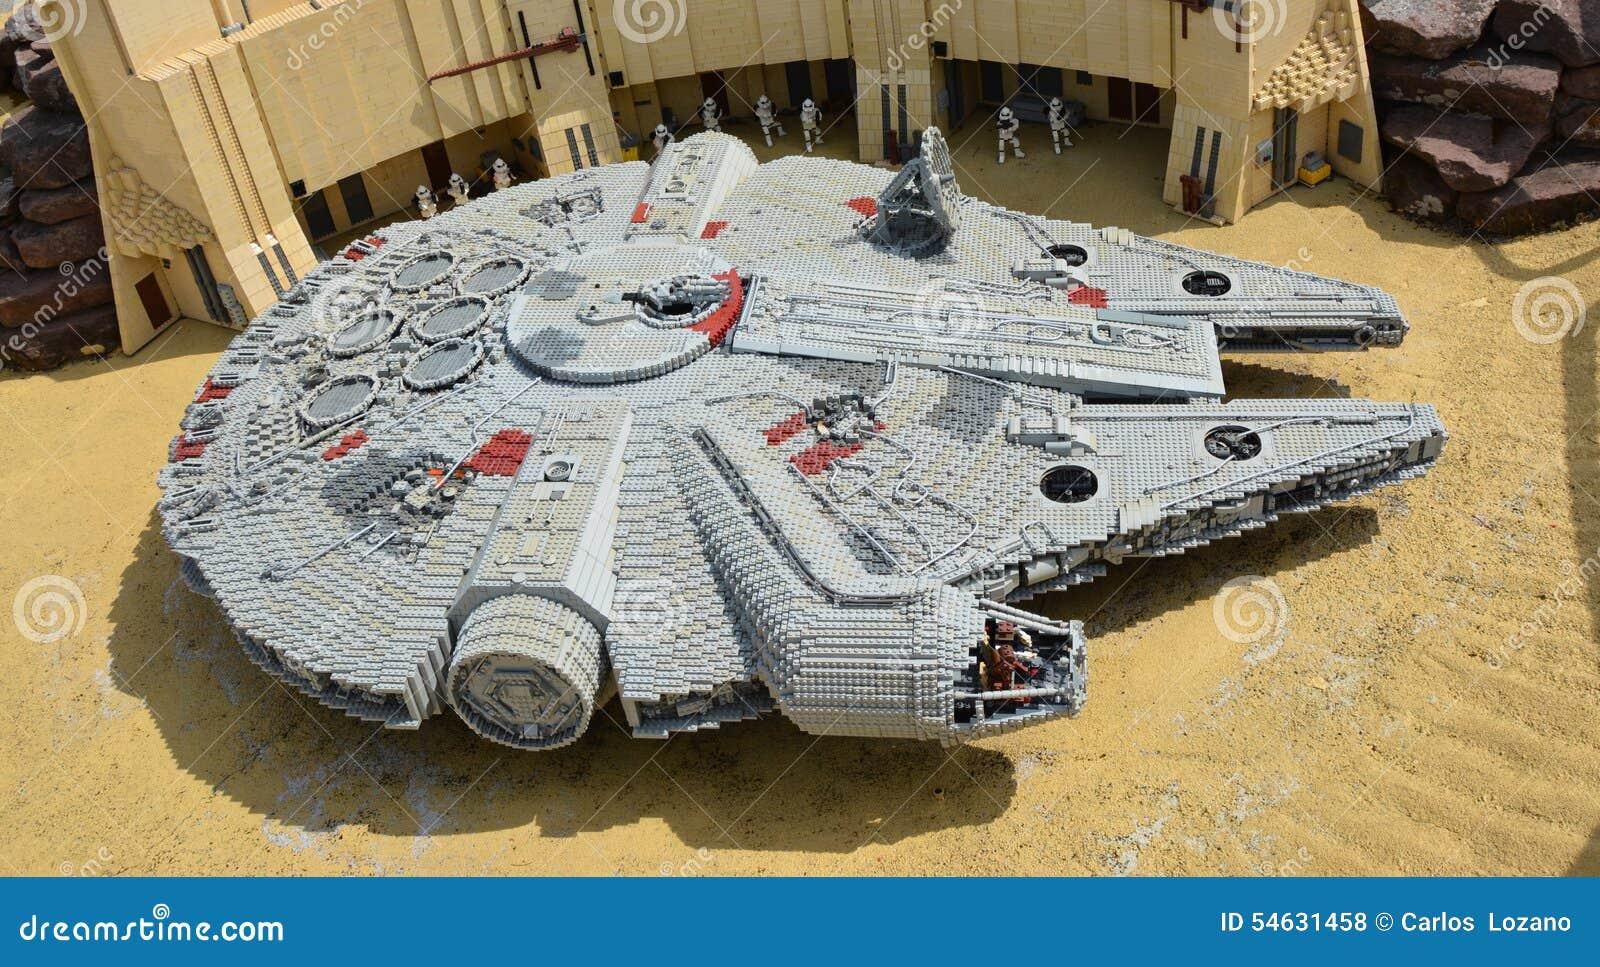 faucon de mill naire dans le lego vaisseau spatial des guerres des toiles faites partir du. Black Bedroom Furniture Sets. Home Design Ideas